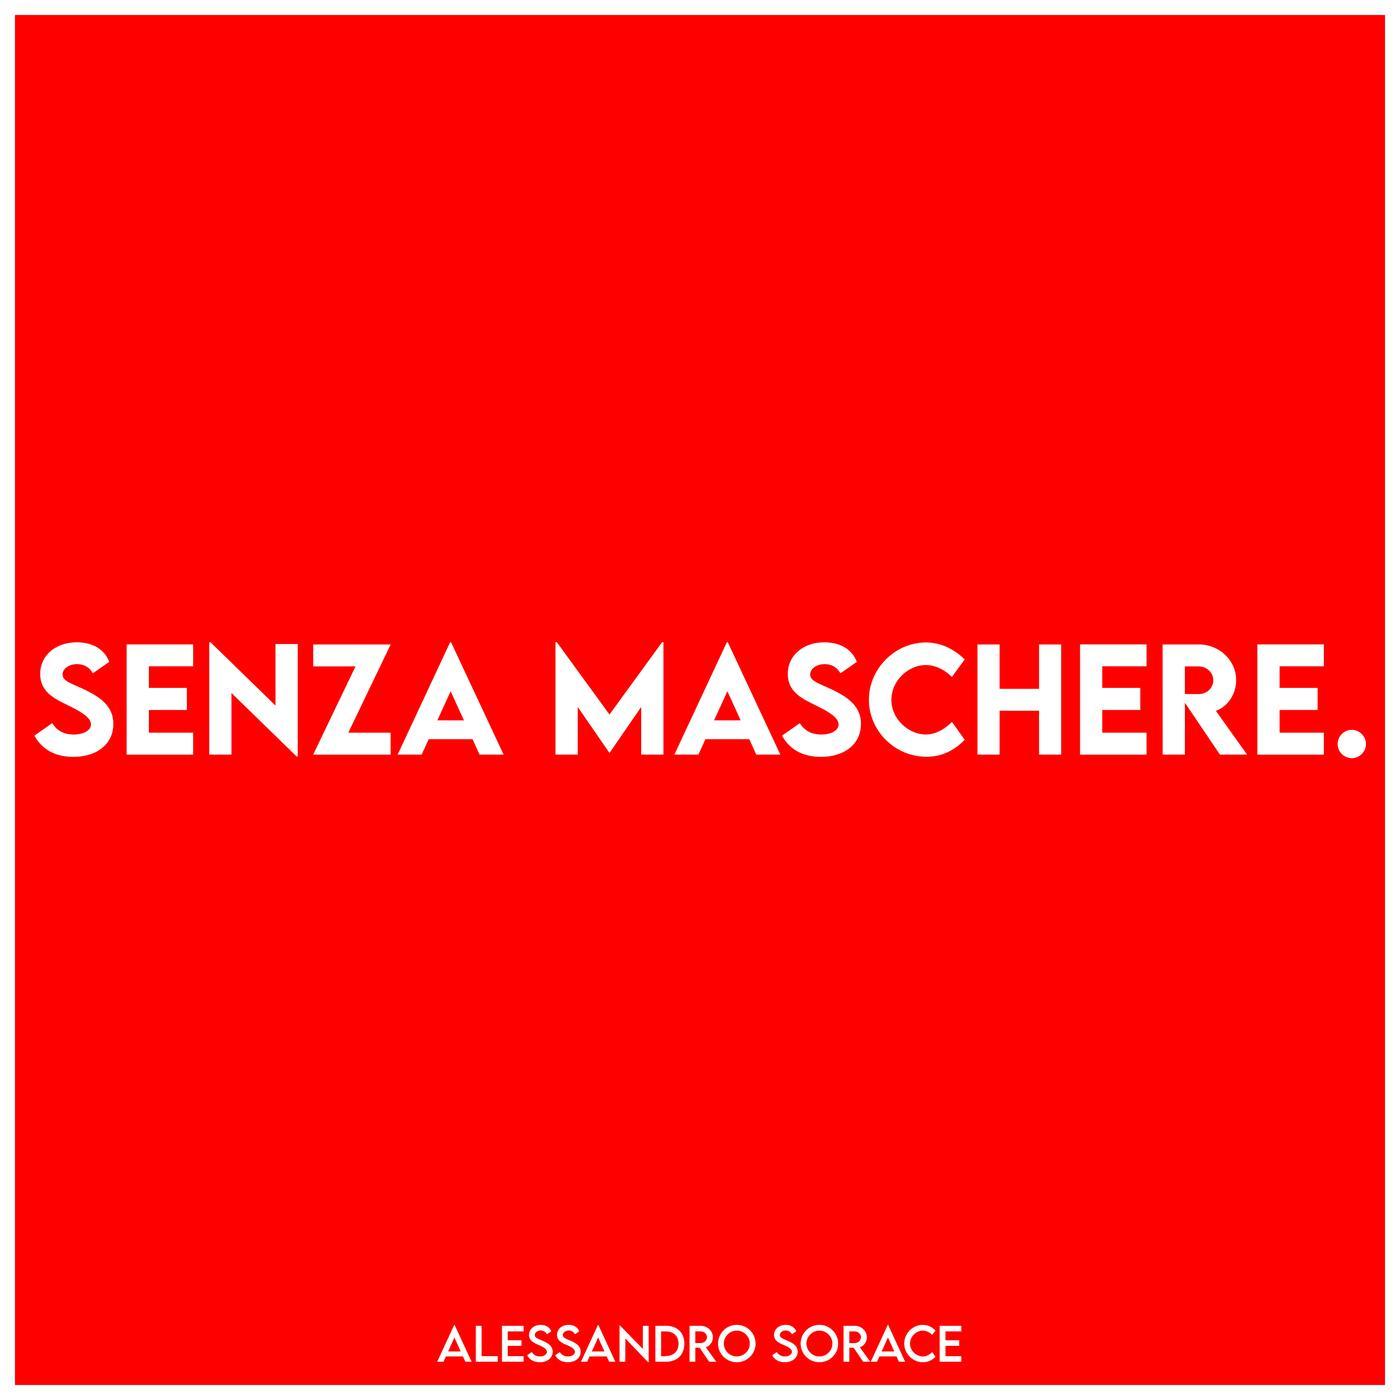 senza maschere alessandro sorace 8NfZmC eIaH 5nxY 10 Podcast Italiani preferiti da ascoltare